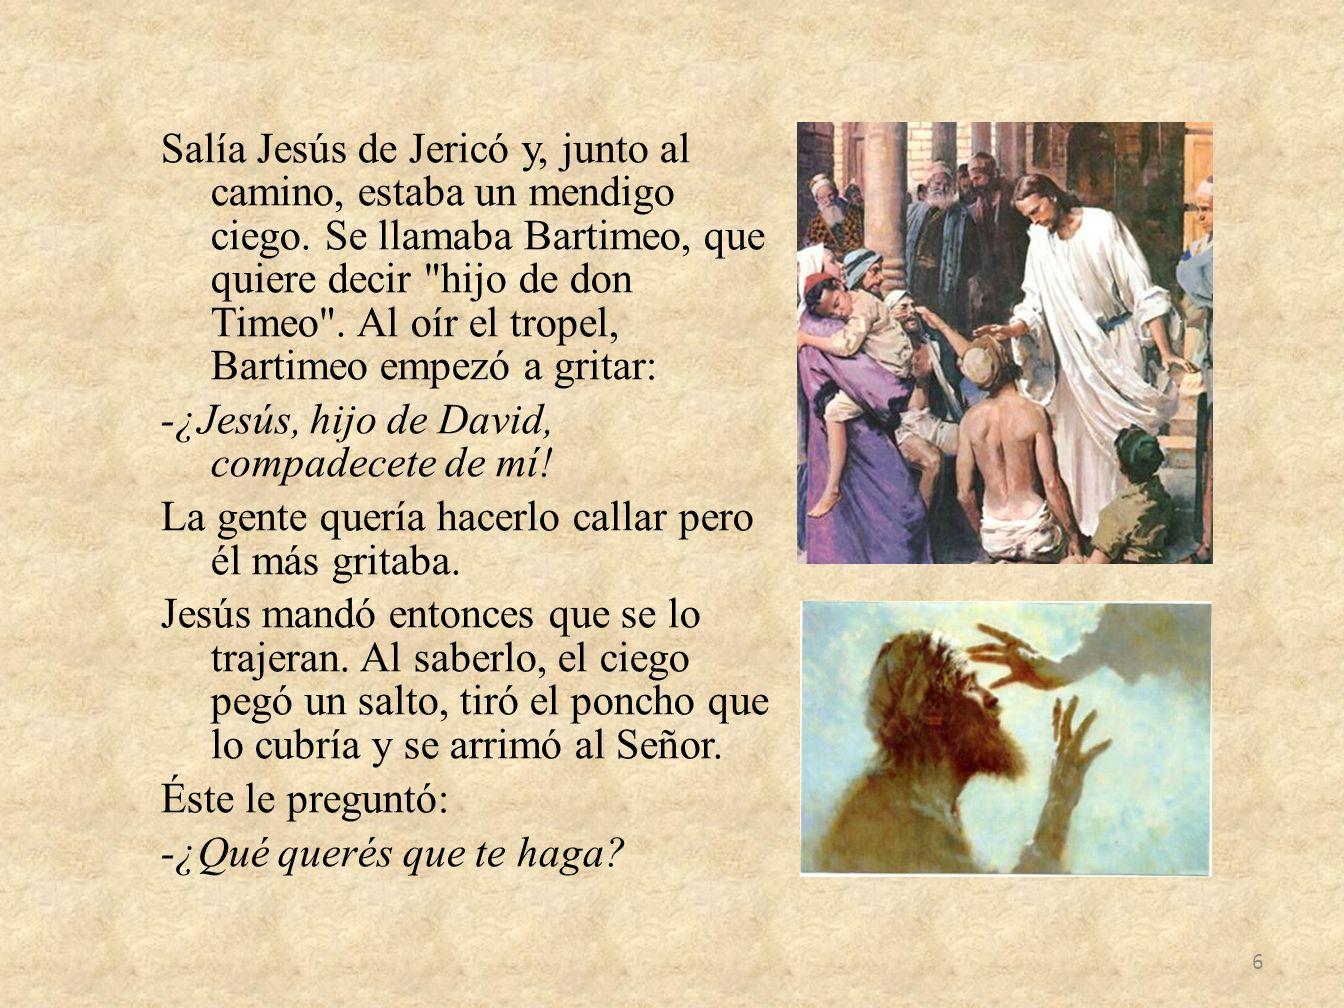 Salía Jesús de Jericó y, junto al camino, estaba un mendigo ciego. Se llamaba Bartimeo, que quiere decir